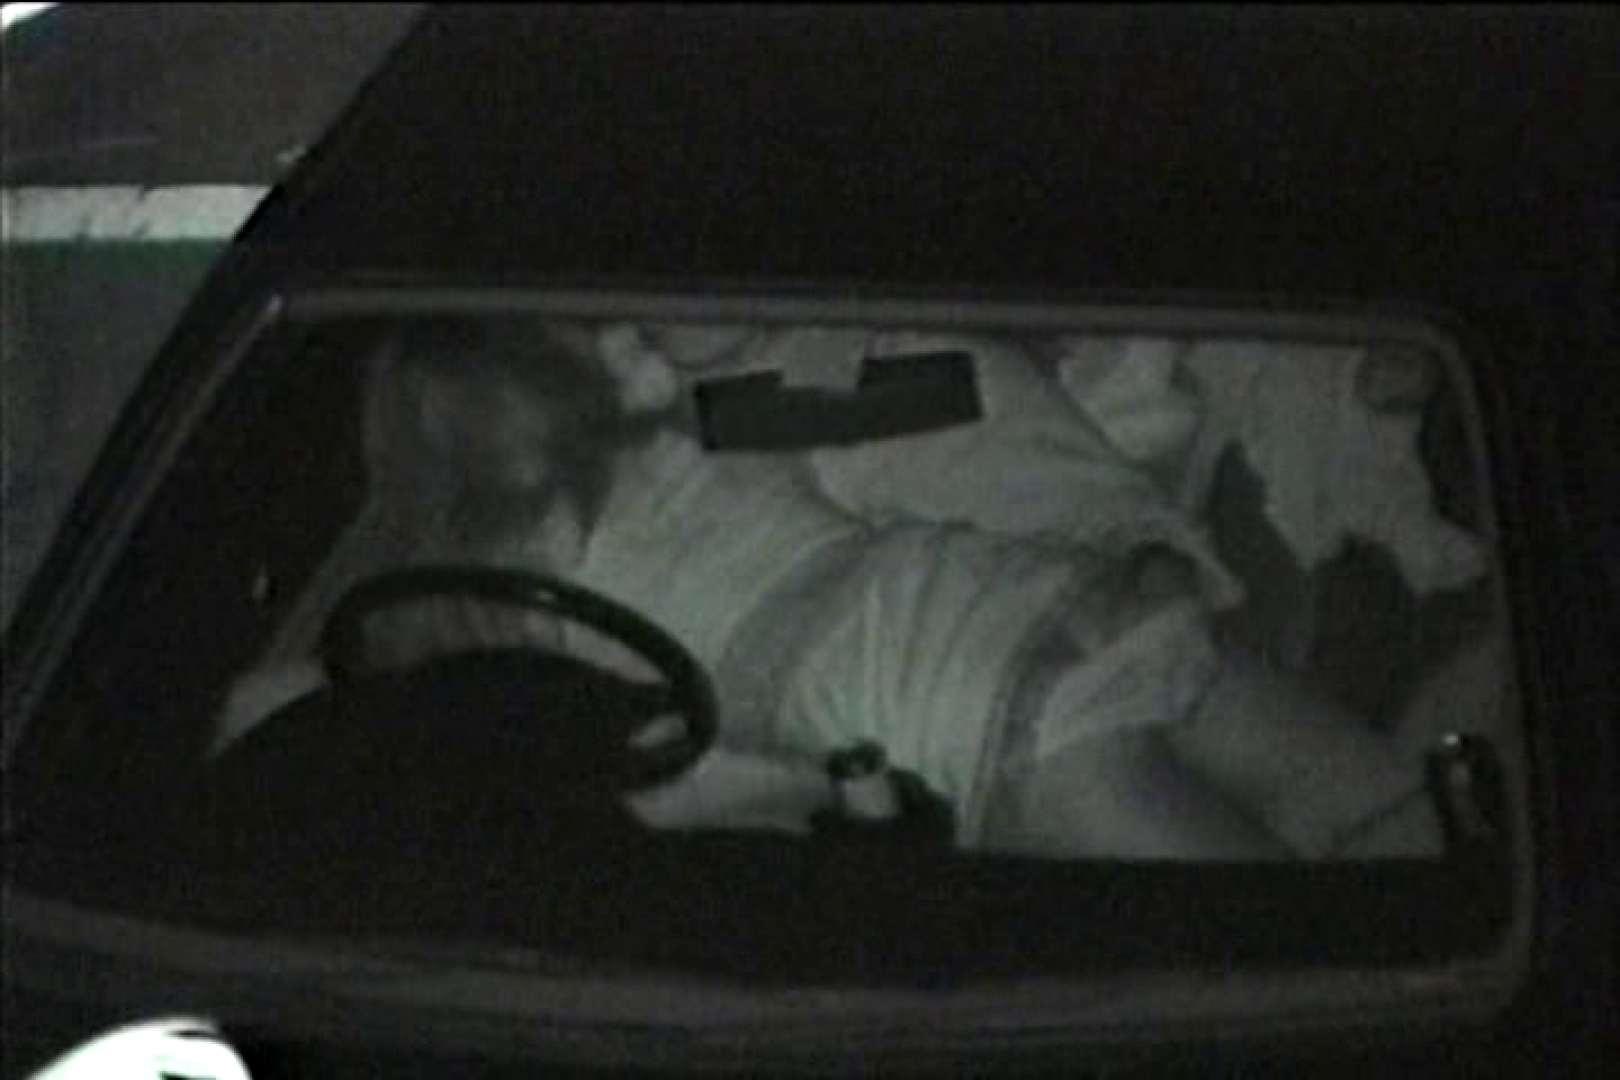 車の中はラブホテル 無修正版  Vol.7 ホテル 盗み撮りAV無料動画キャプチャ 96連発 85